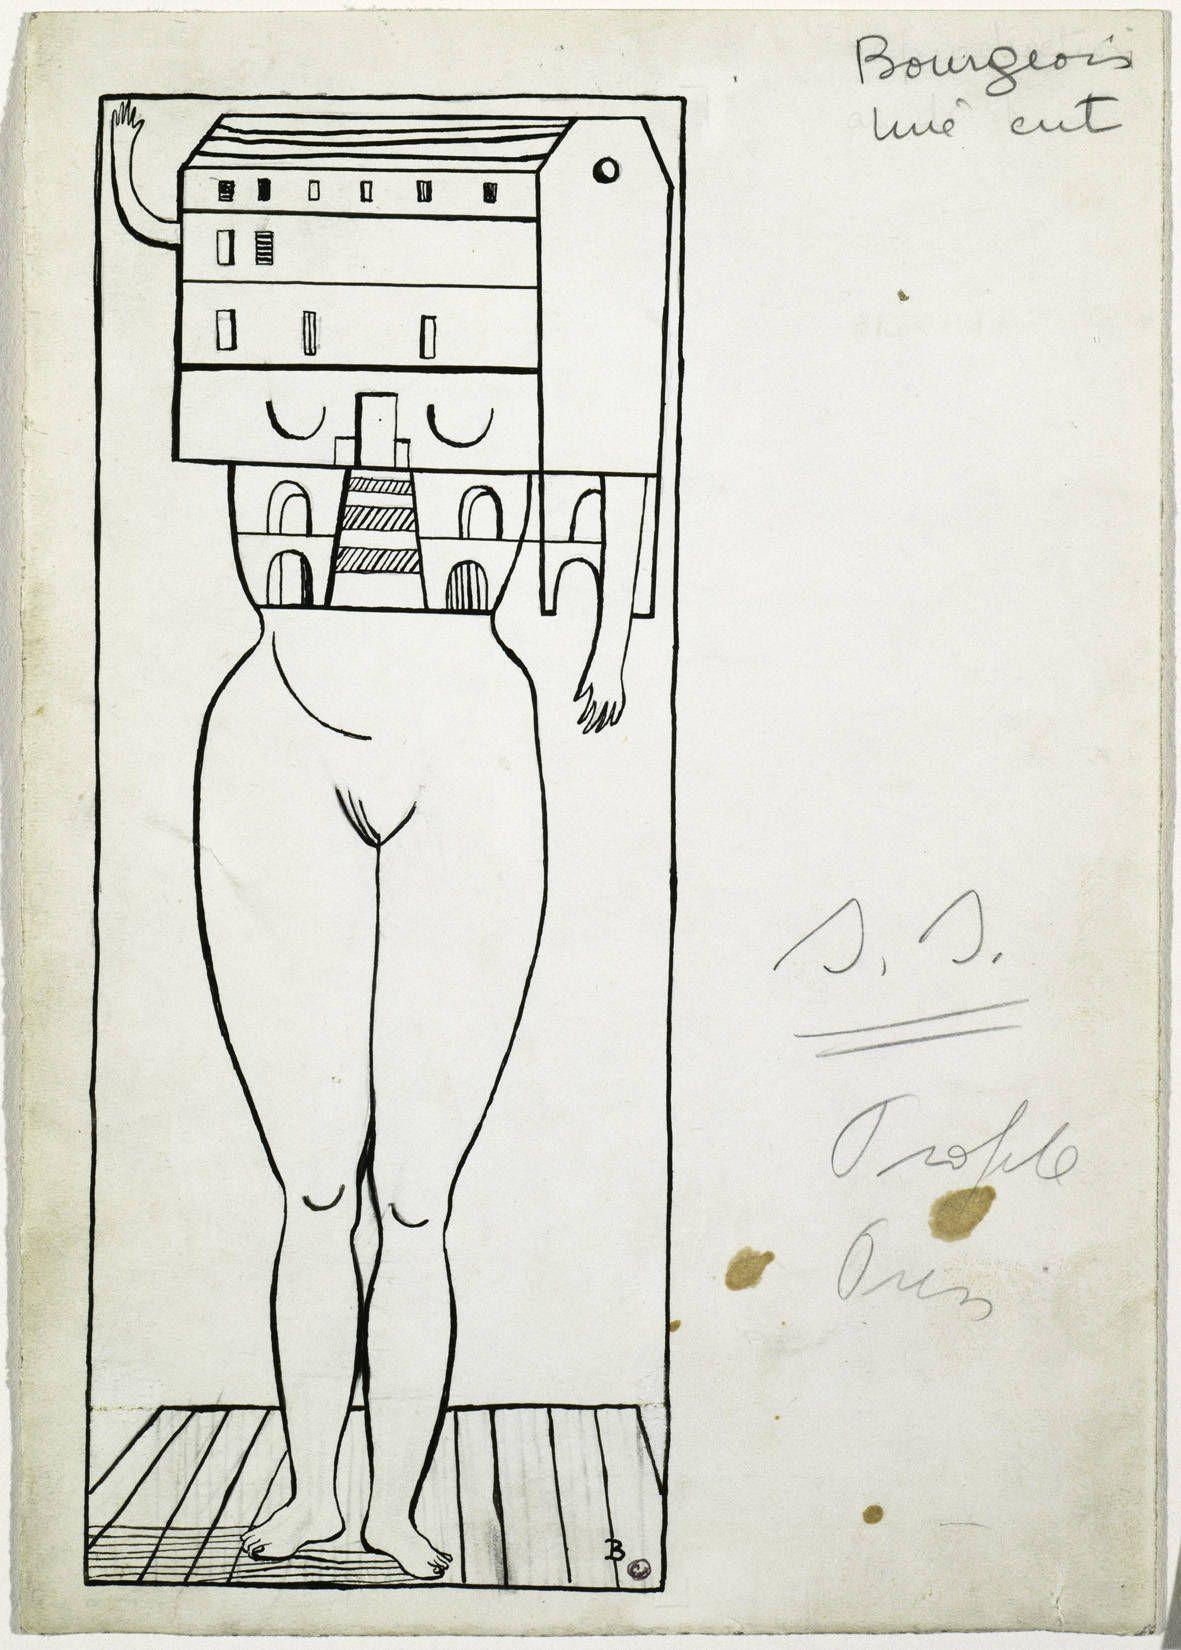 Louise Bourgeois - A Retrospective Exhibition | Pinterest ...